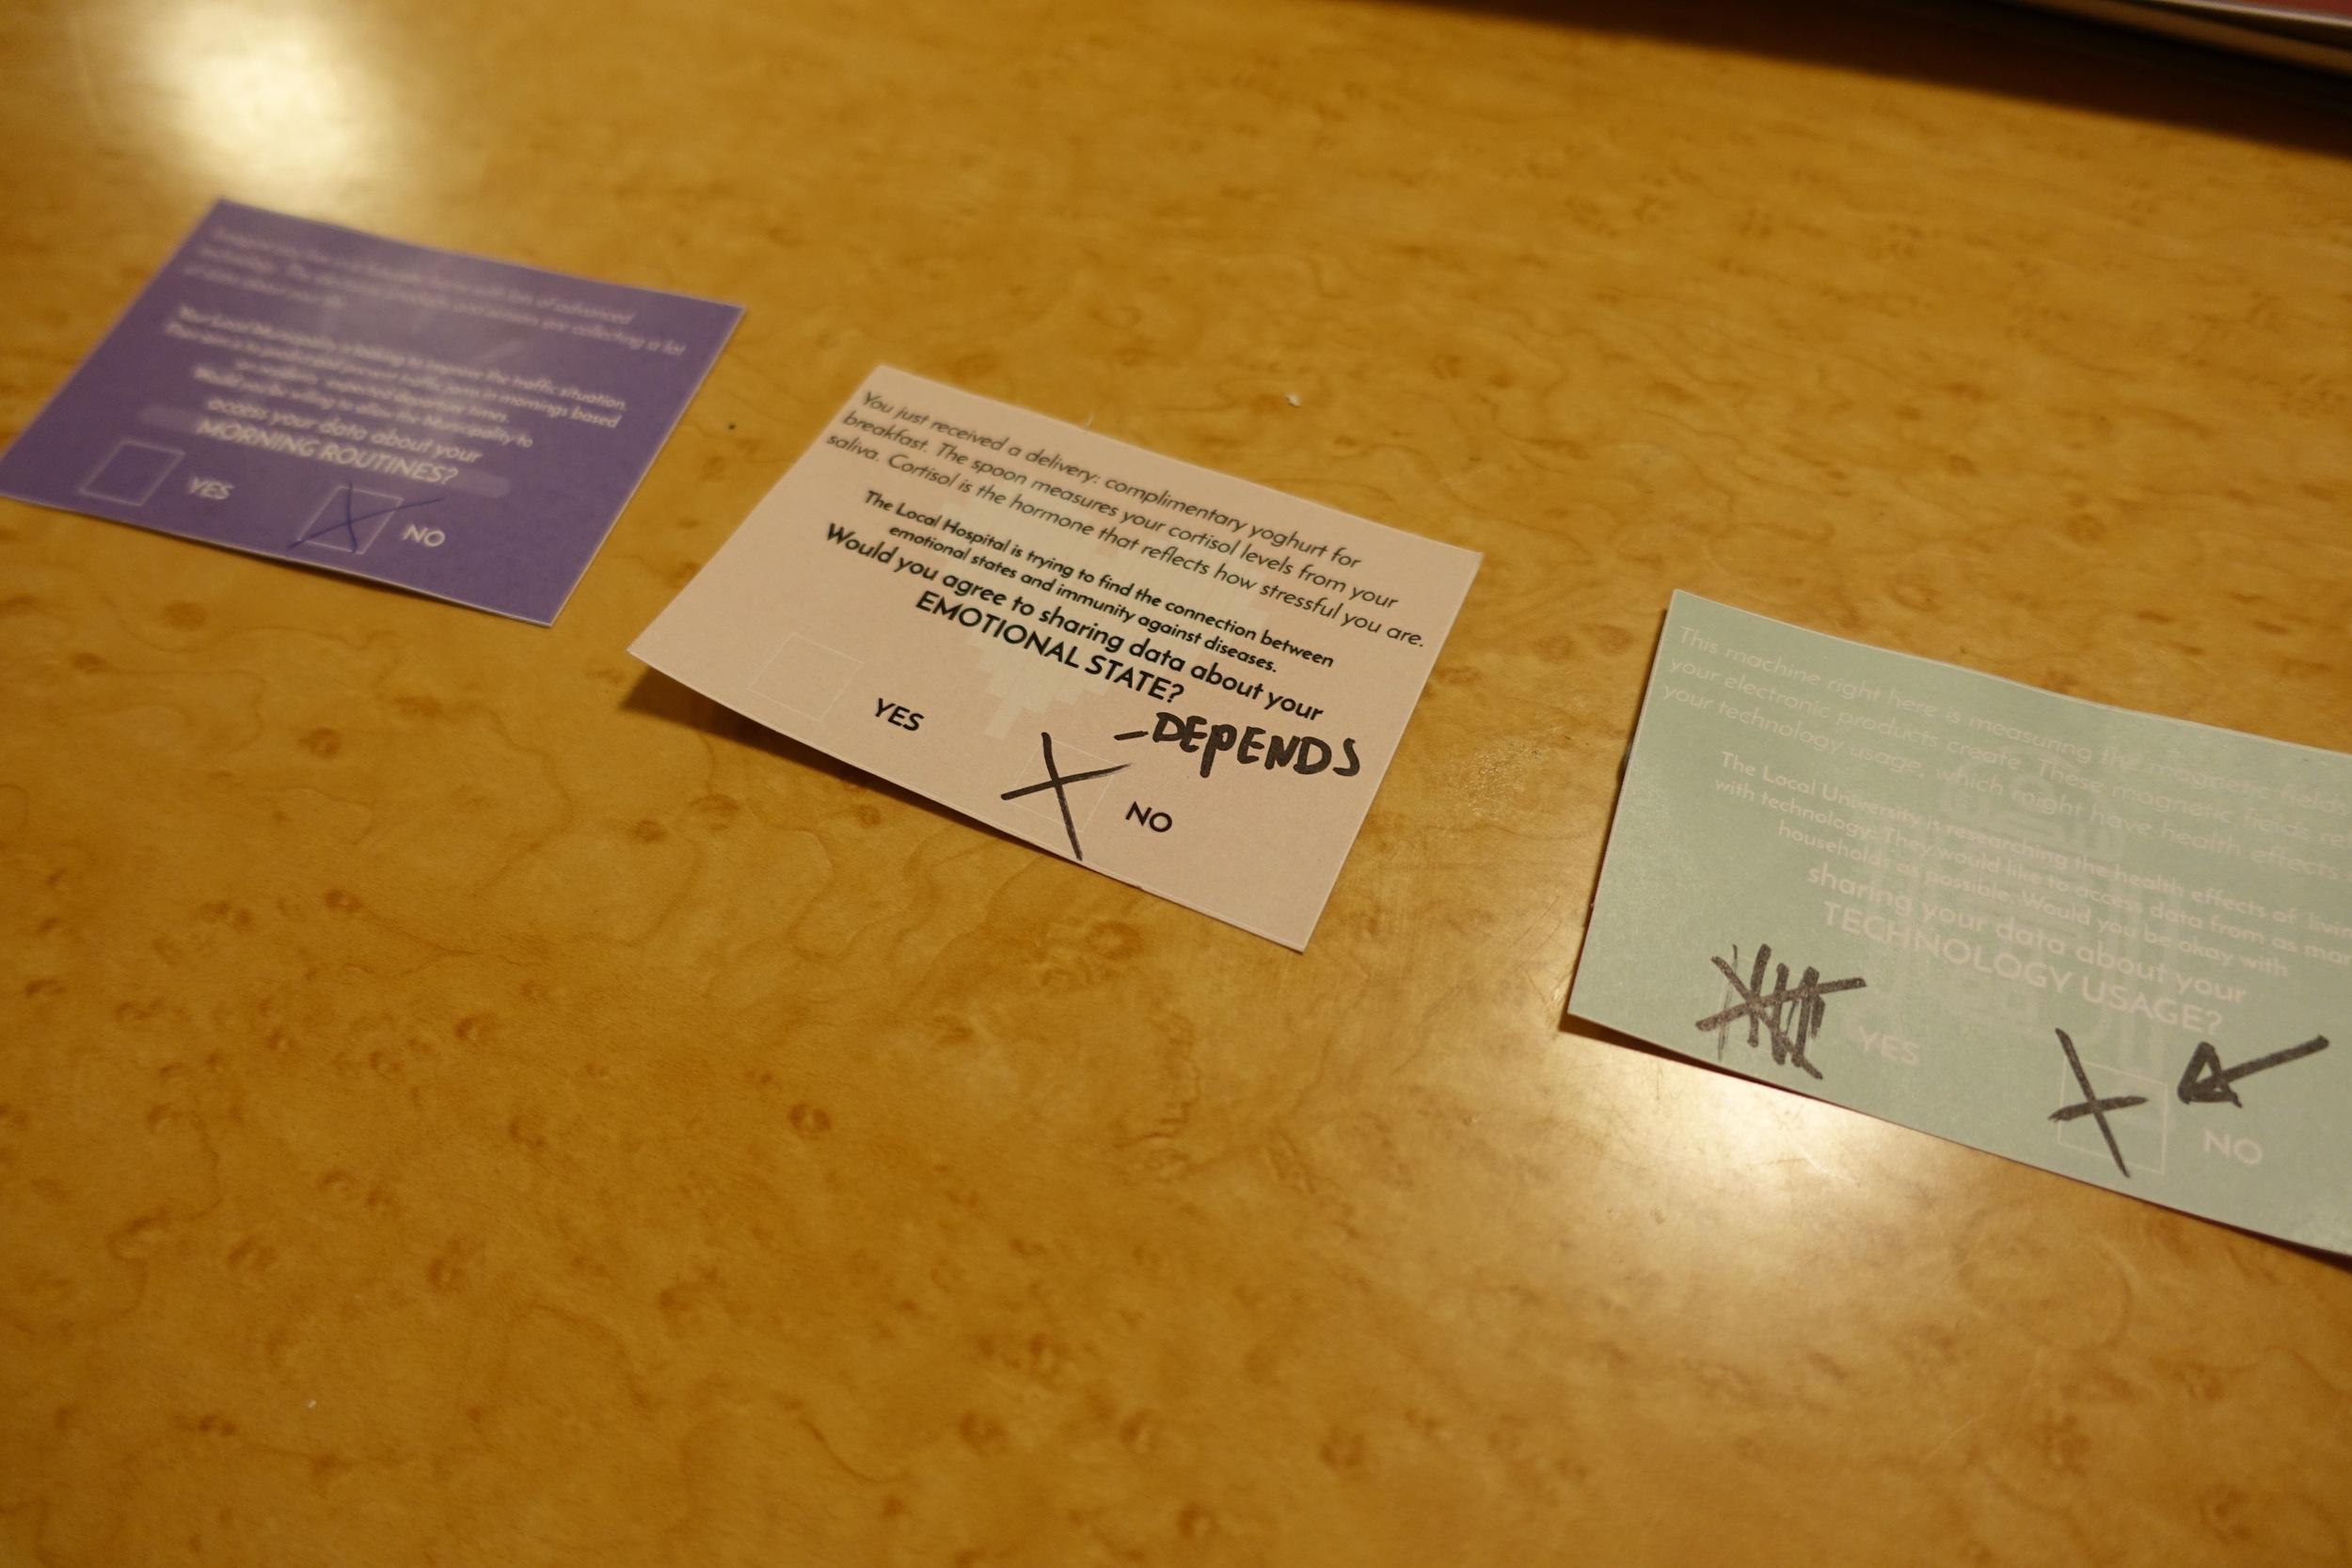 Poll cards